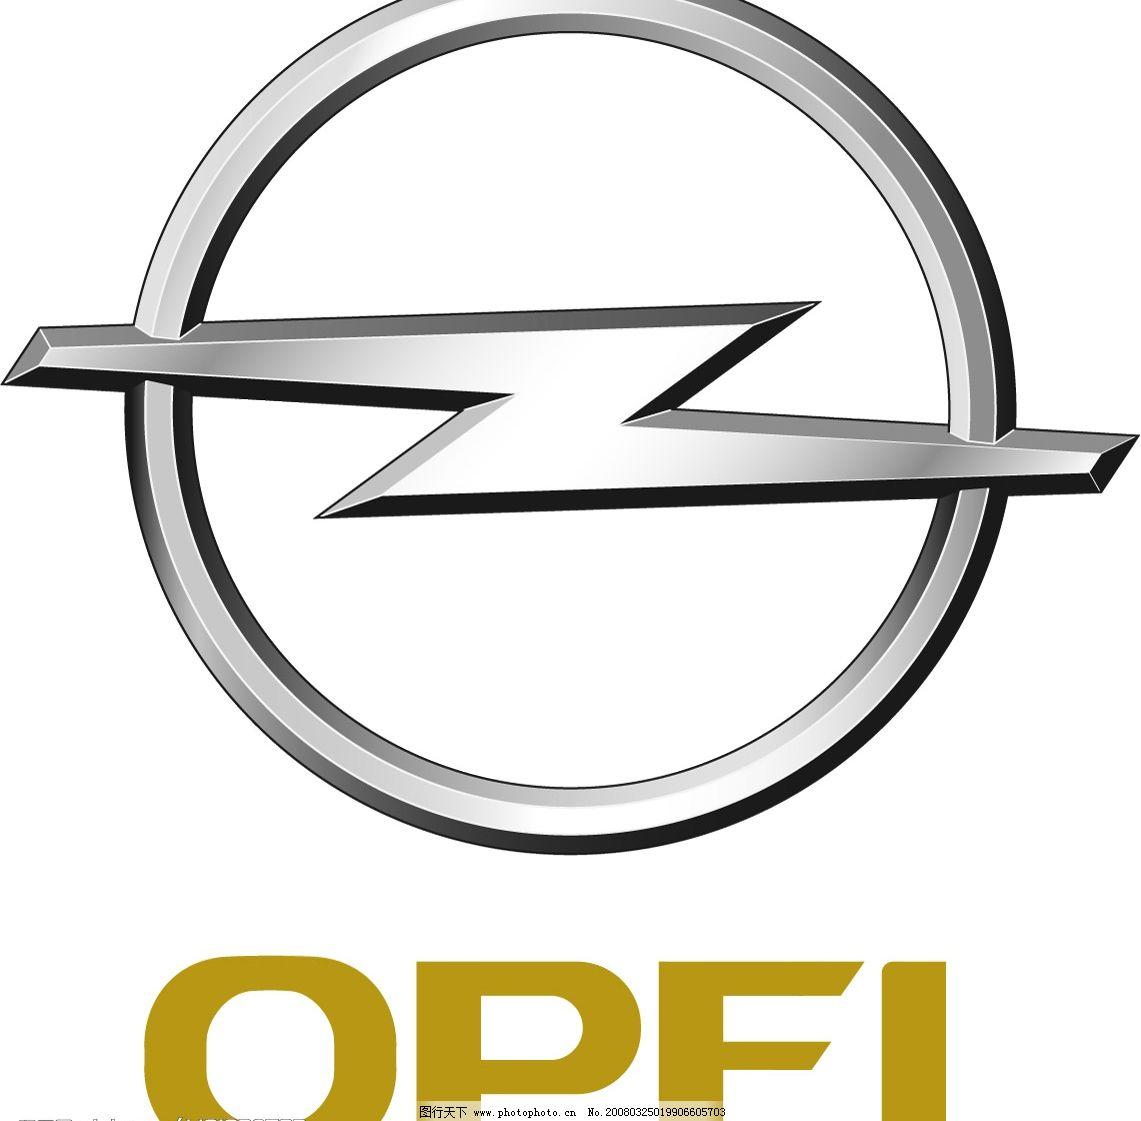 欧宝汽车标志矢量图 欧宝汽车 标识标志图标 企业logo标志 矢量图库